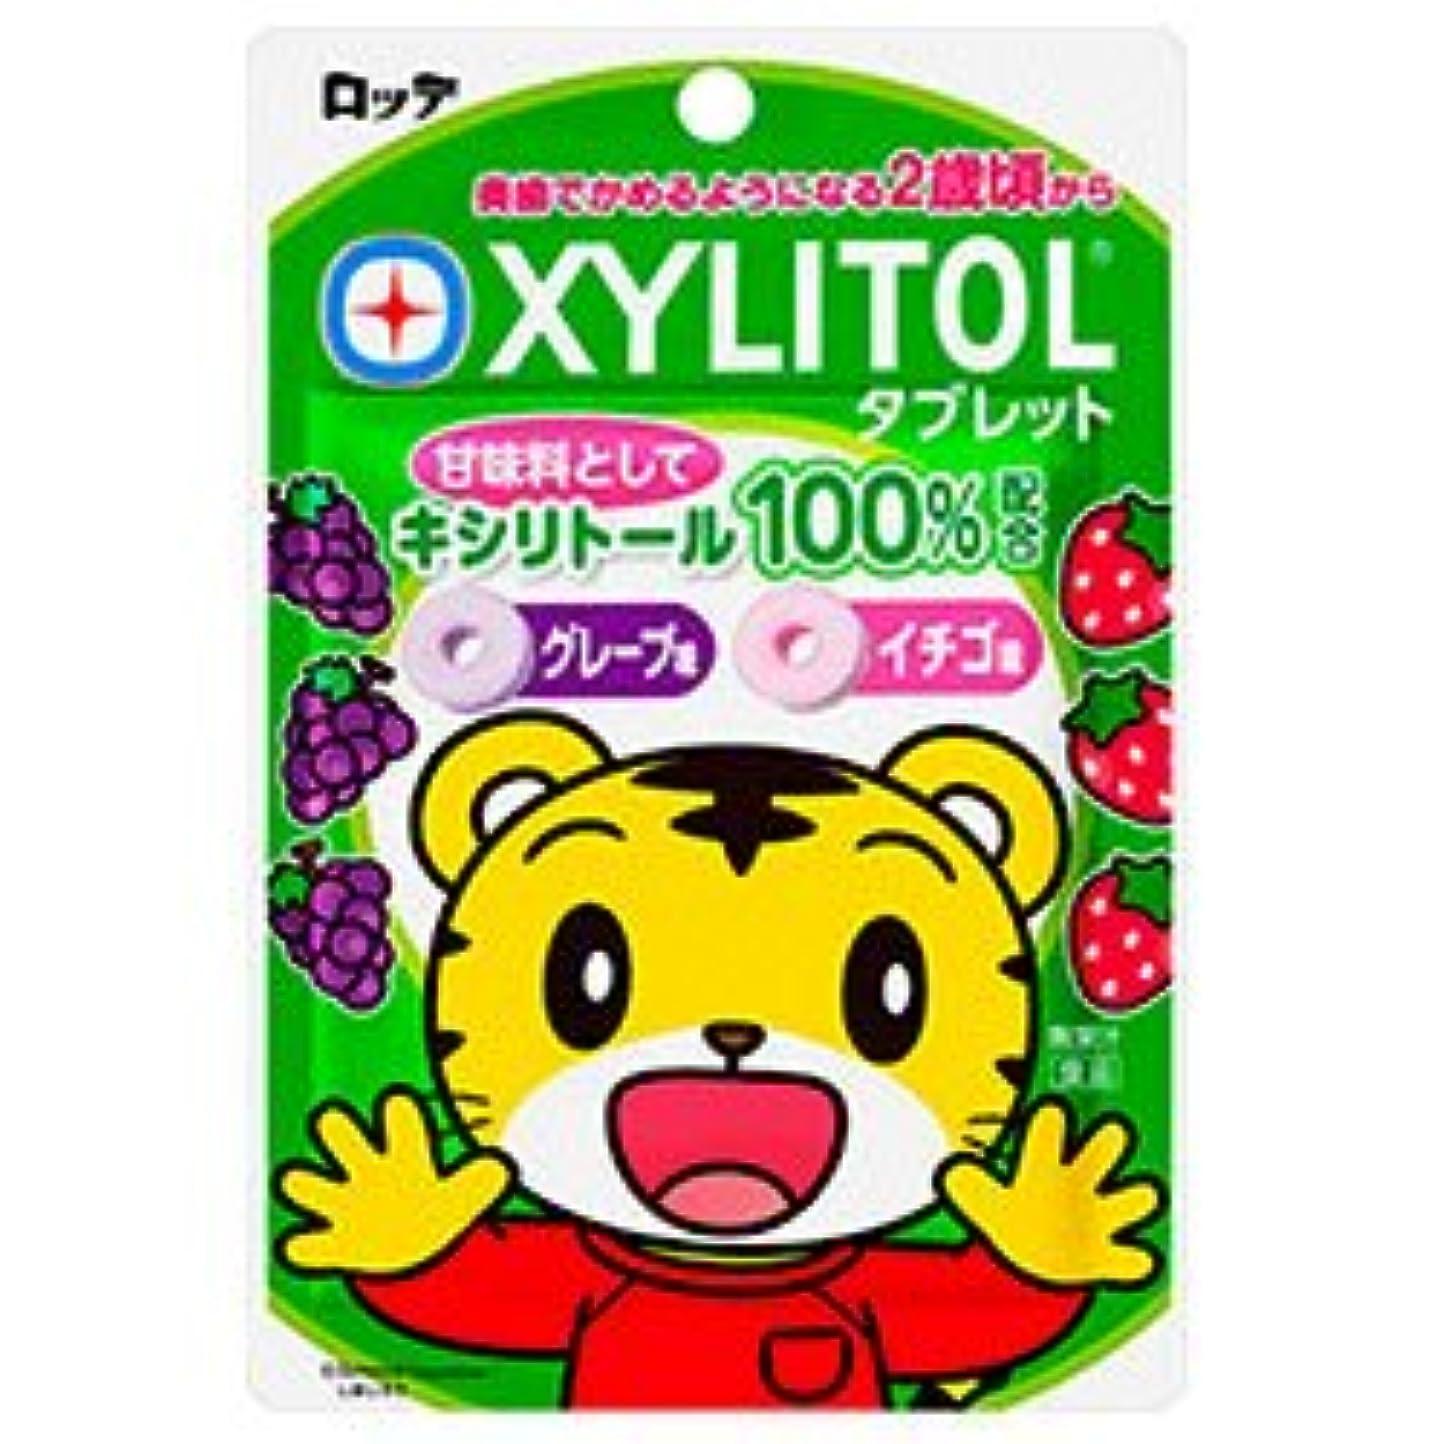 コック続編クレーンロッテ キシリトールタブレット 30g×10袋入×(2ケース)